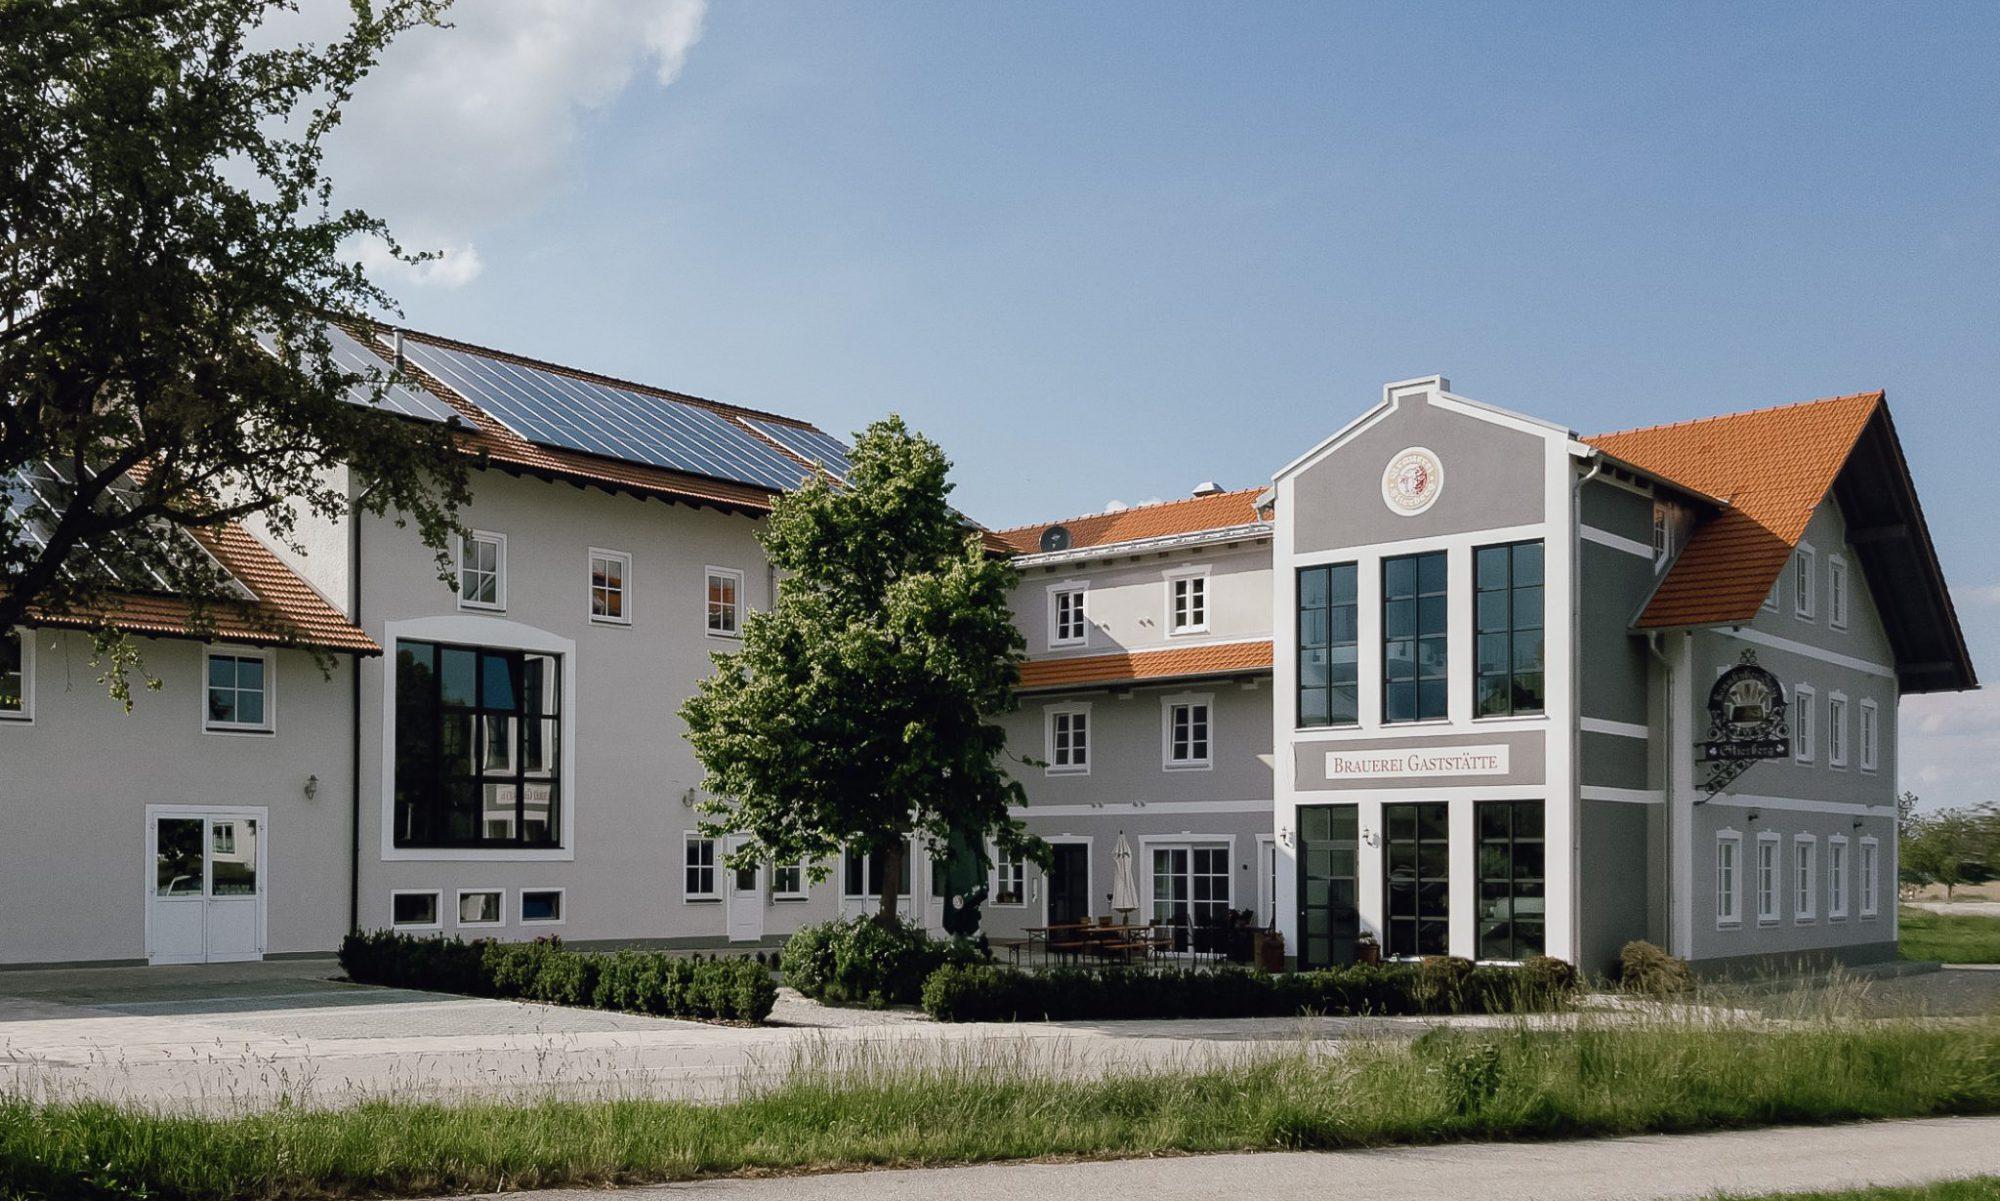 Brauereigaststätte Stierberg